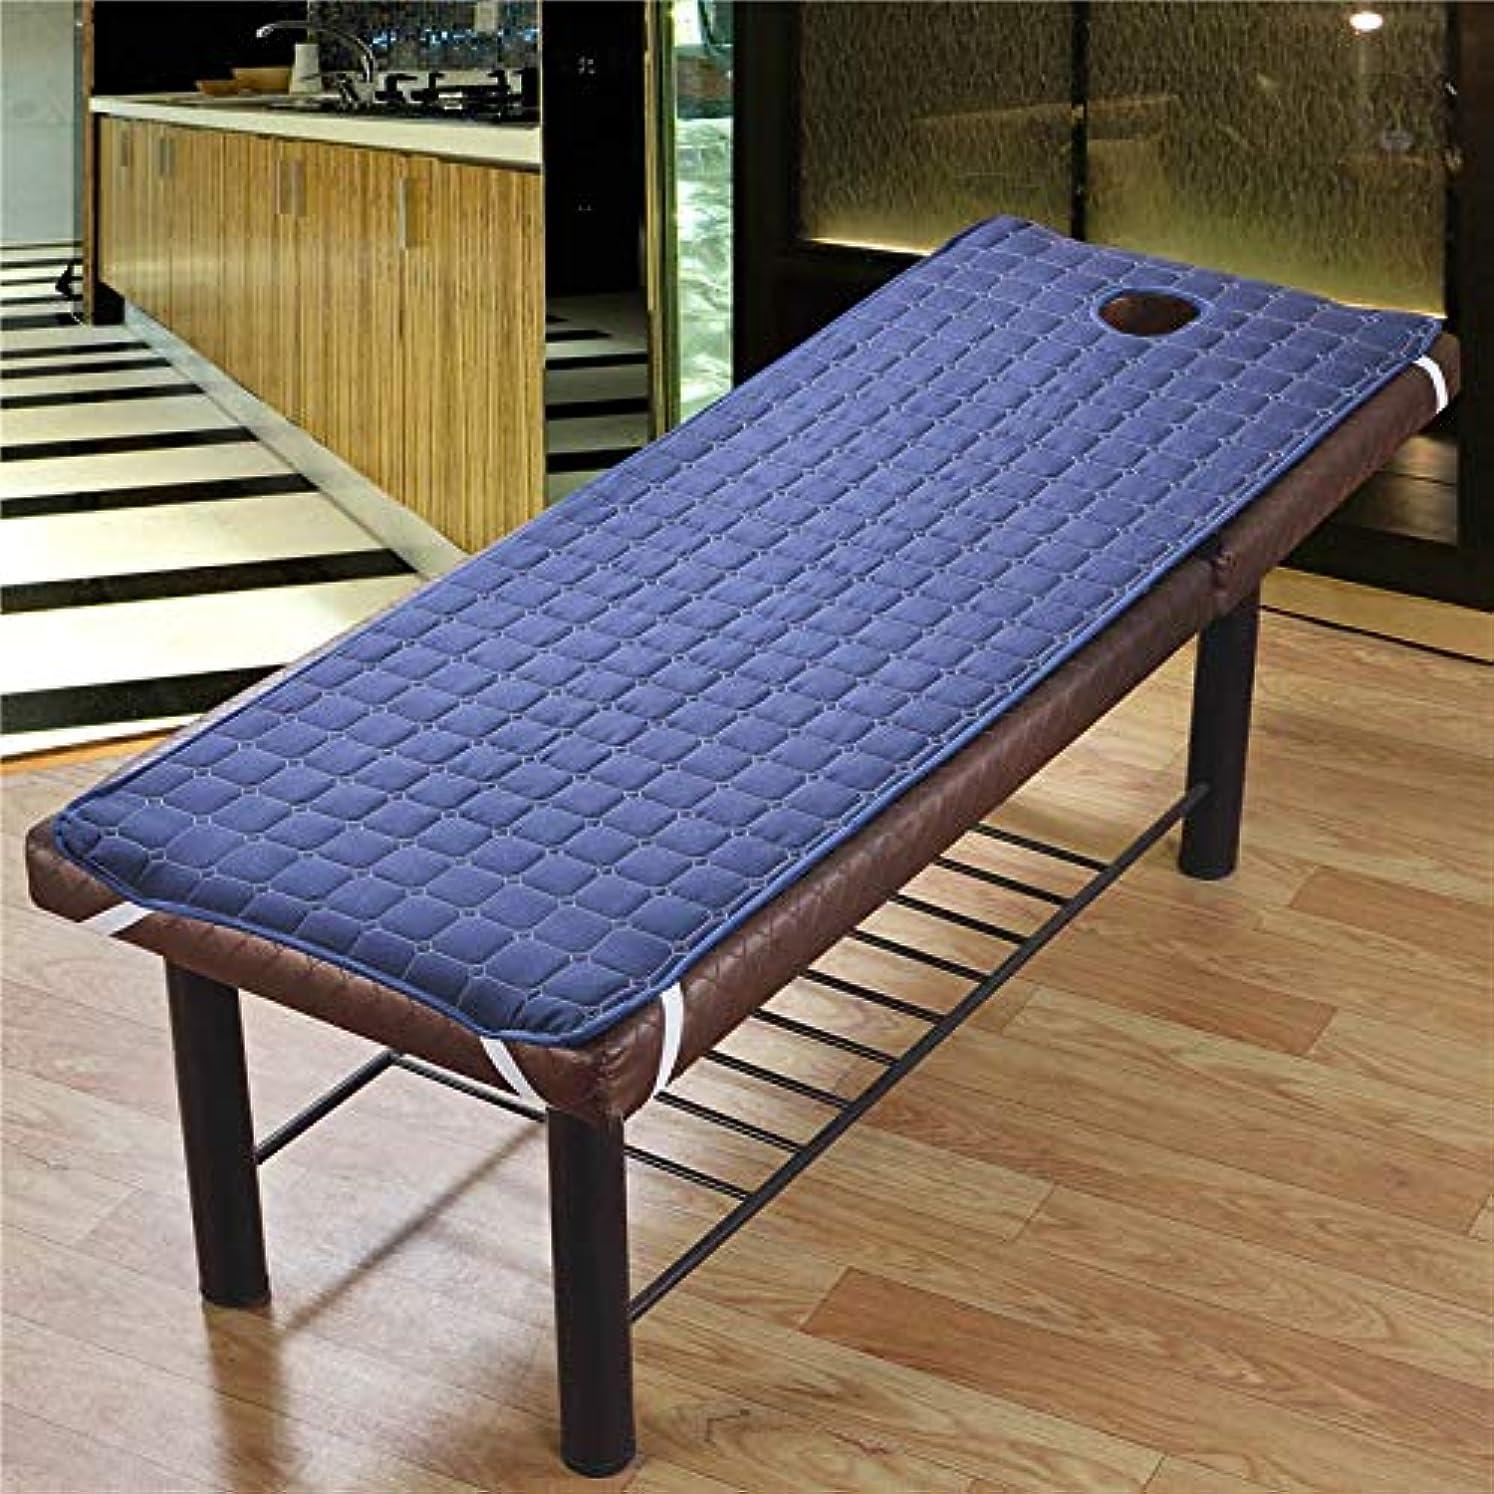 たくさんシャーロックホームズアイスクリームTenflyer 美容院のマッサージ療法のベッドのための滑り止めのSoliod色の長方形のマットレス